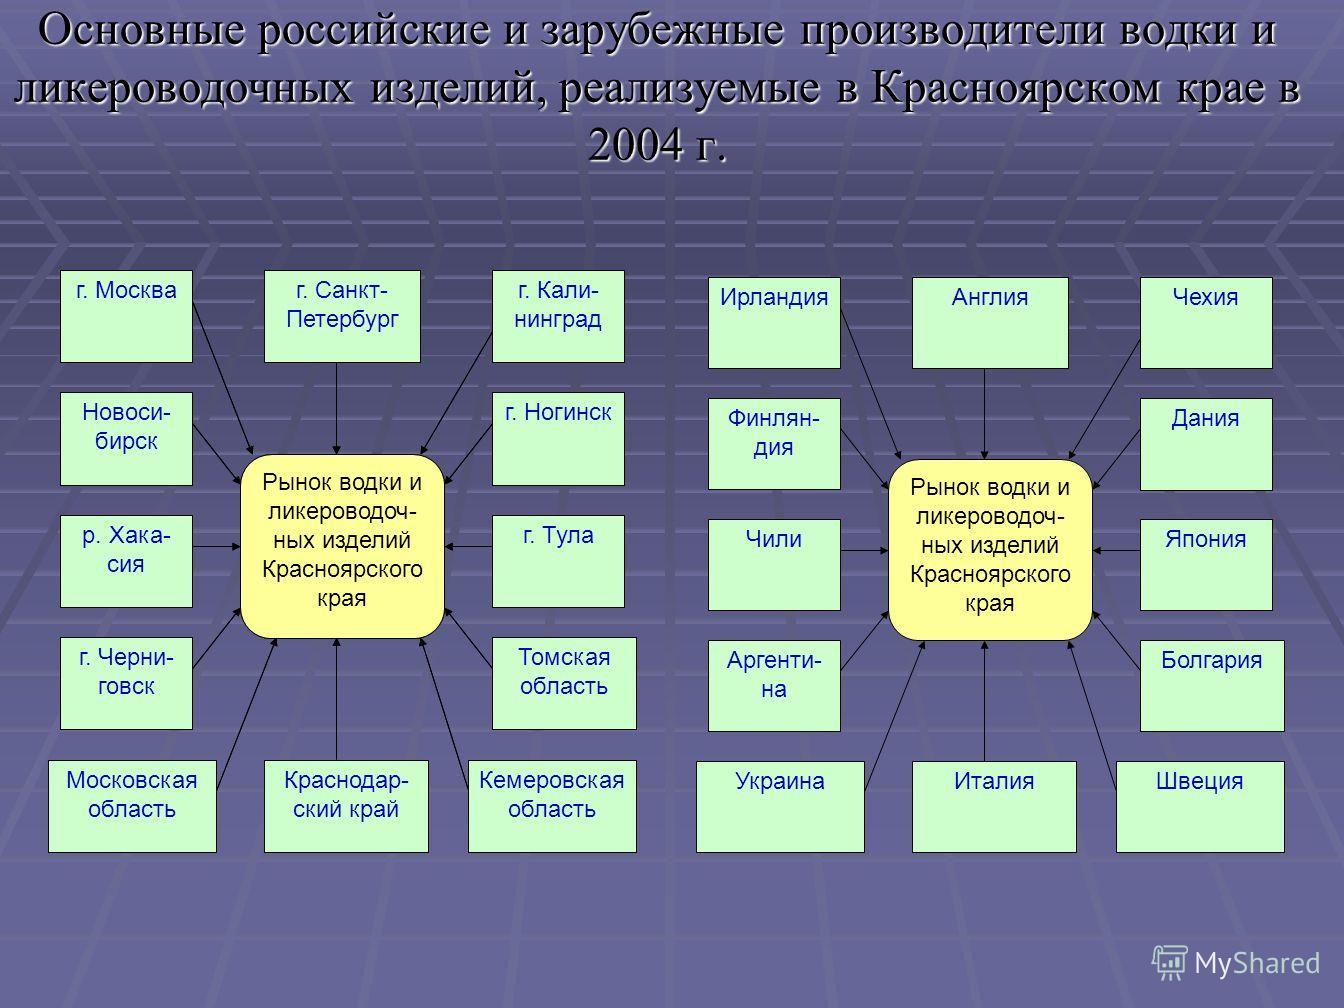 Структура производства алкогольных напитков и пива на территории Красноярского края в 1998г. и в 2003 г., %